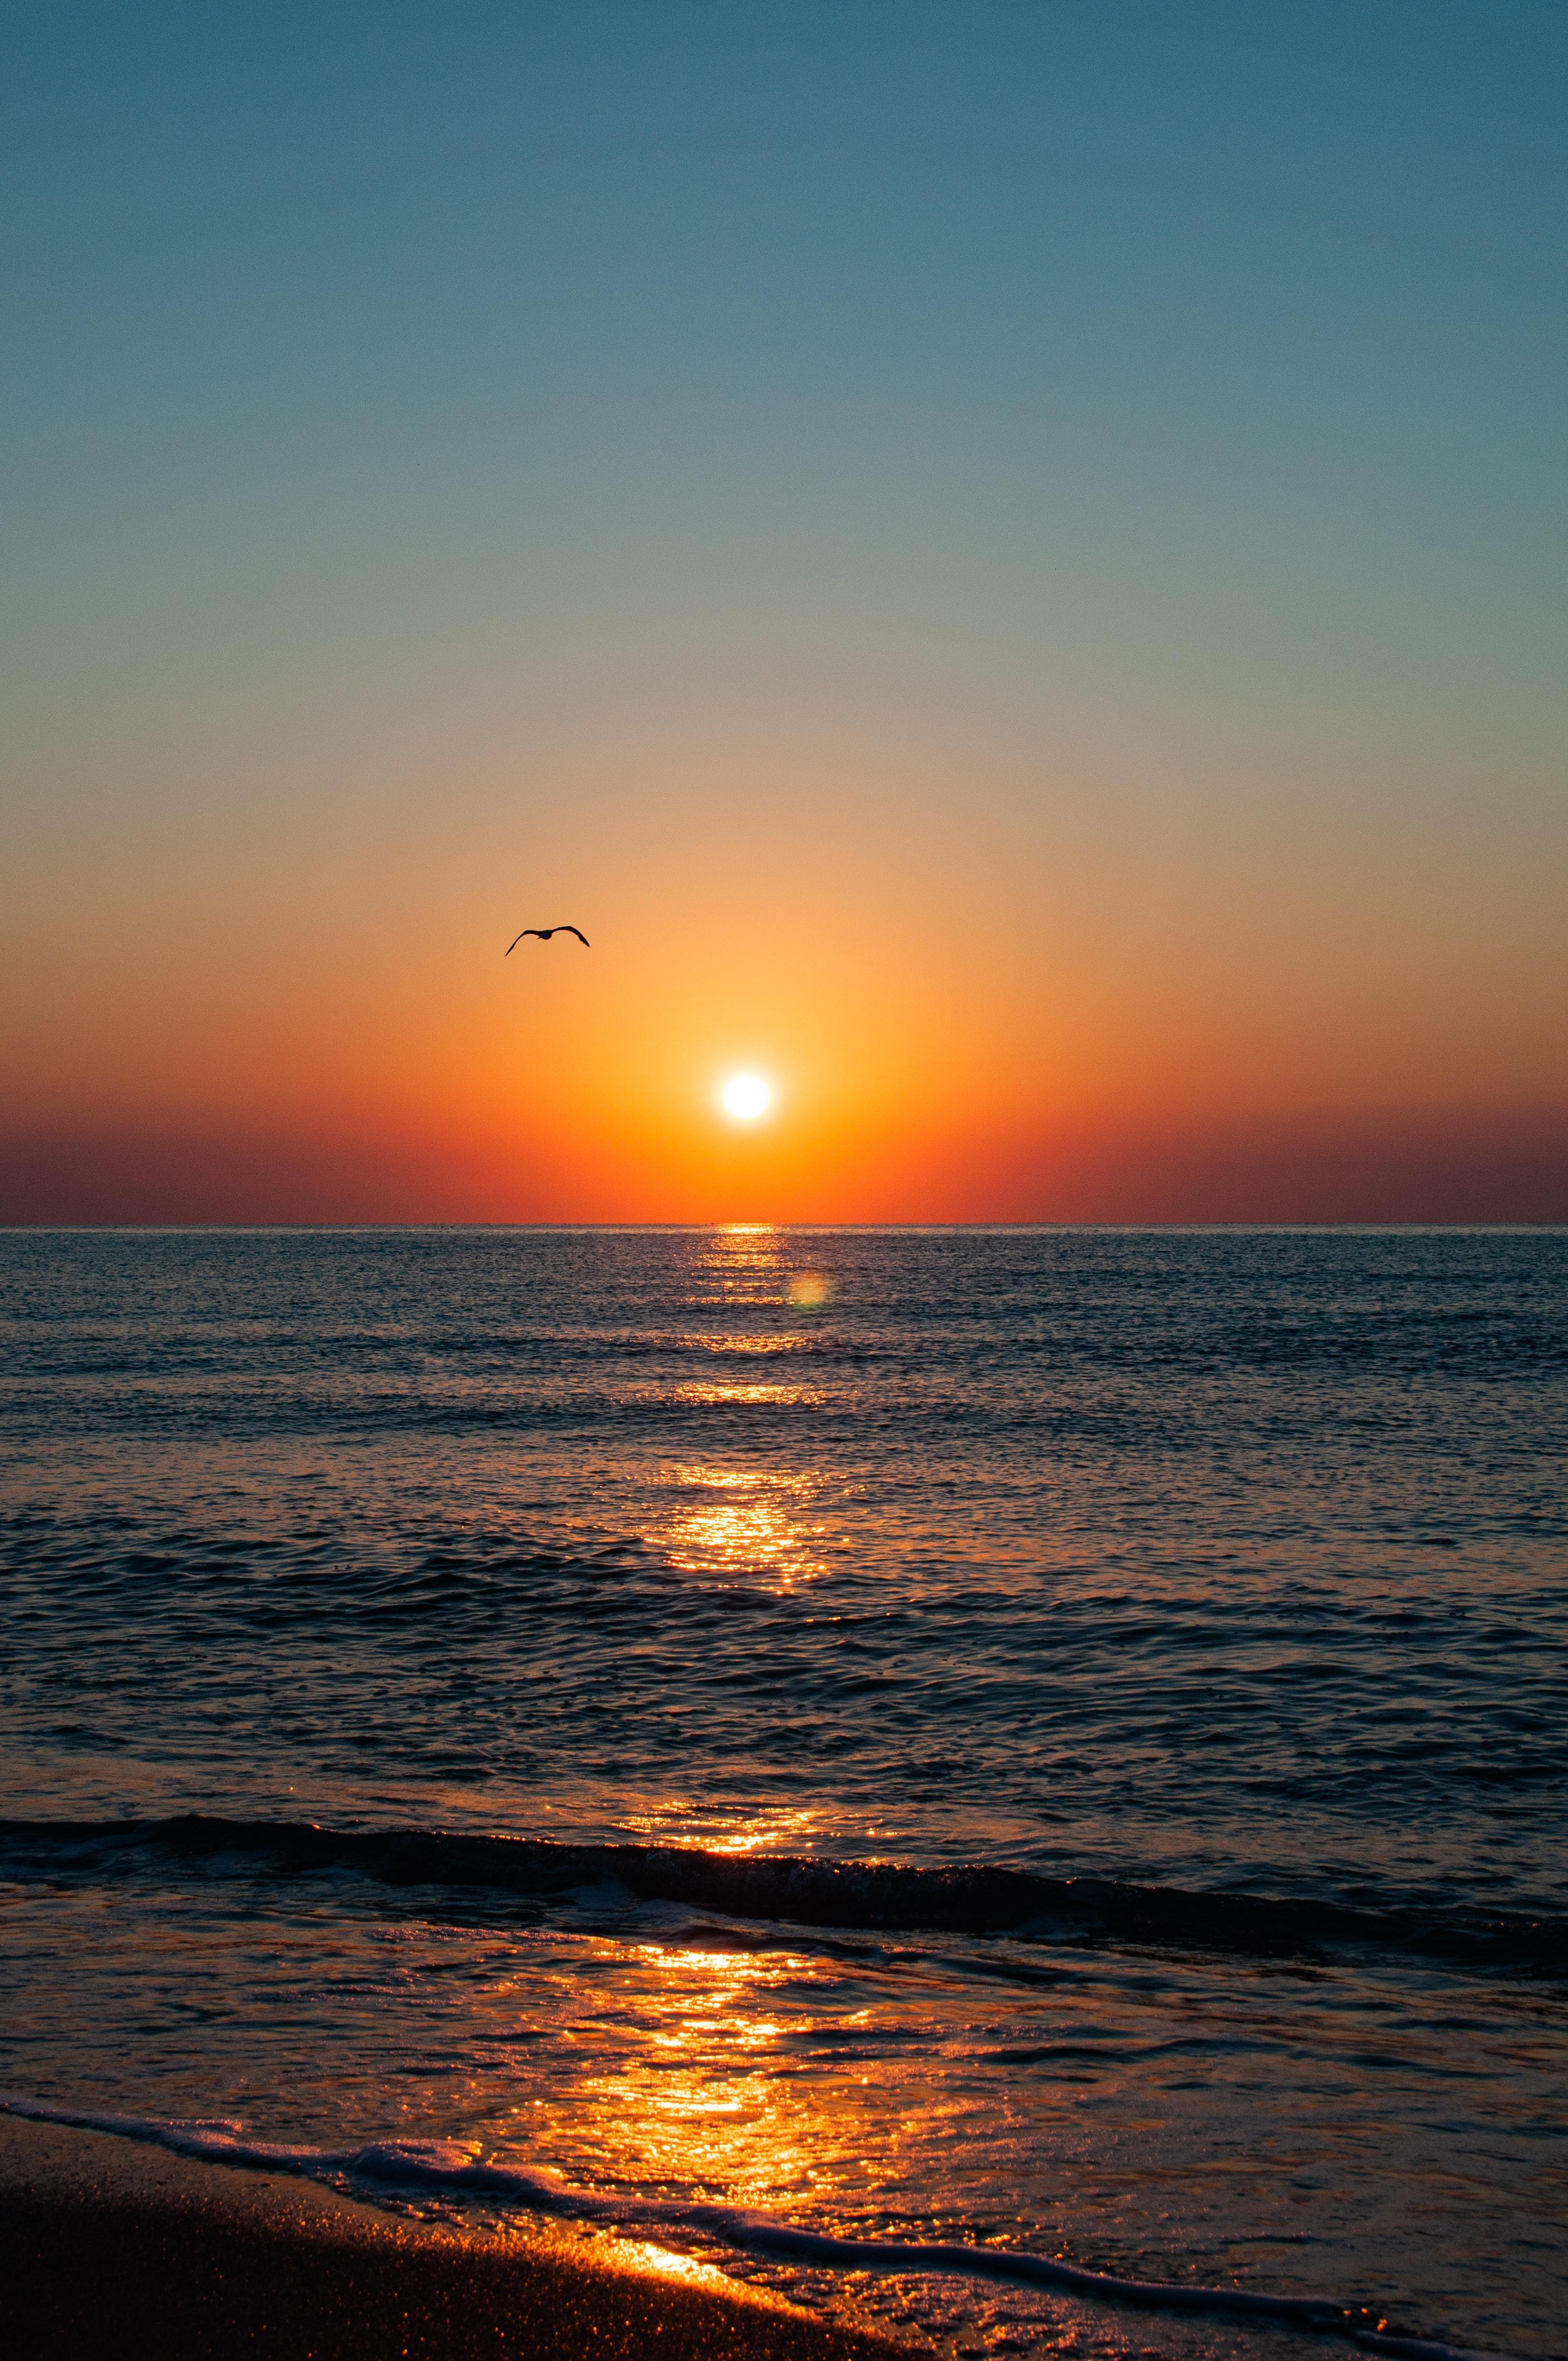 152339 скачать обои Природа, Закат, Чайка, Море, Побережье, Блики, Горизонт - заставки и картинки бесплатно